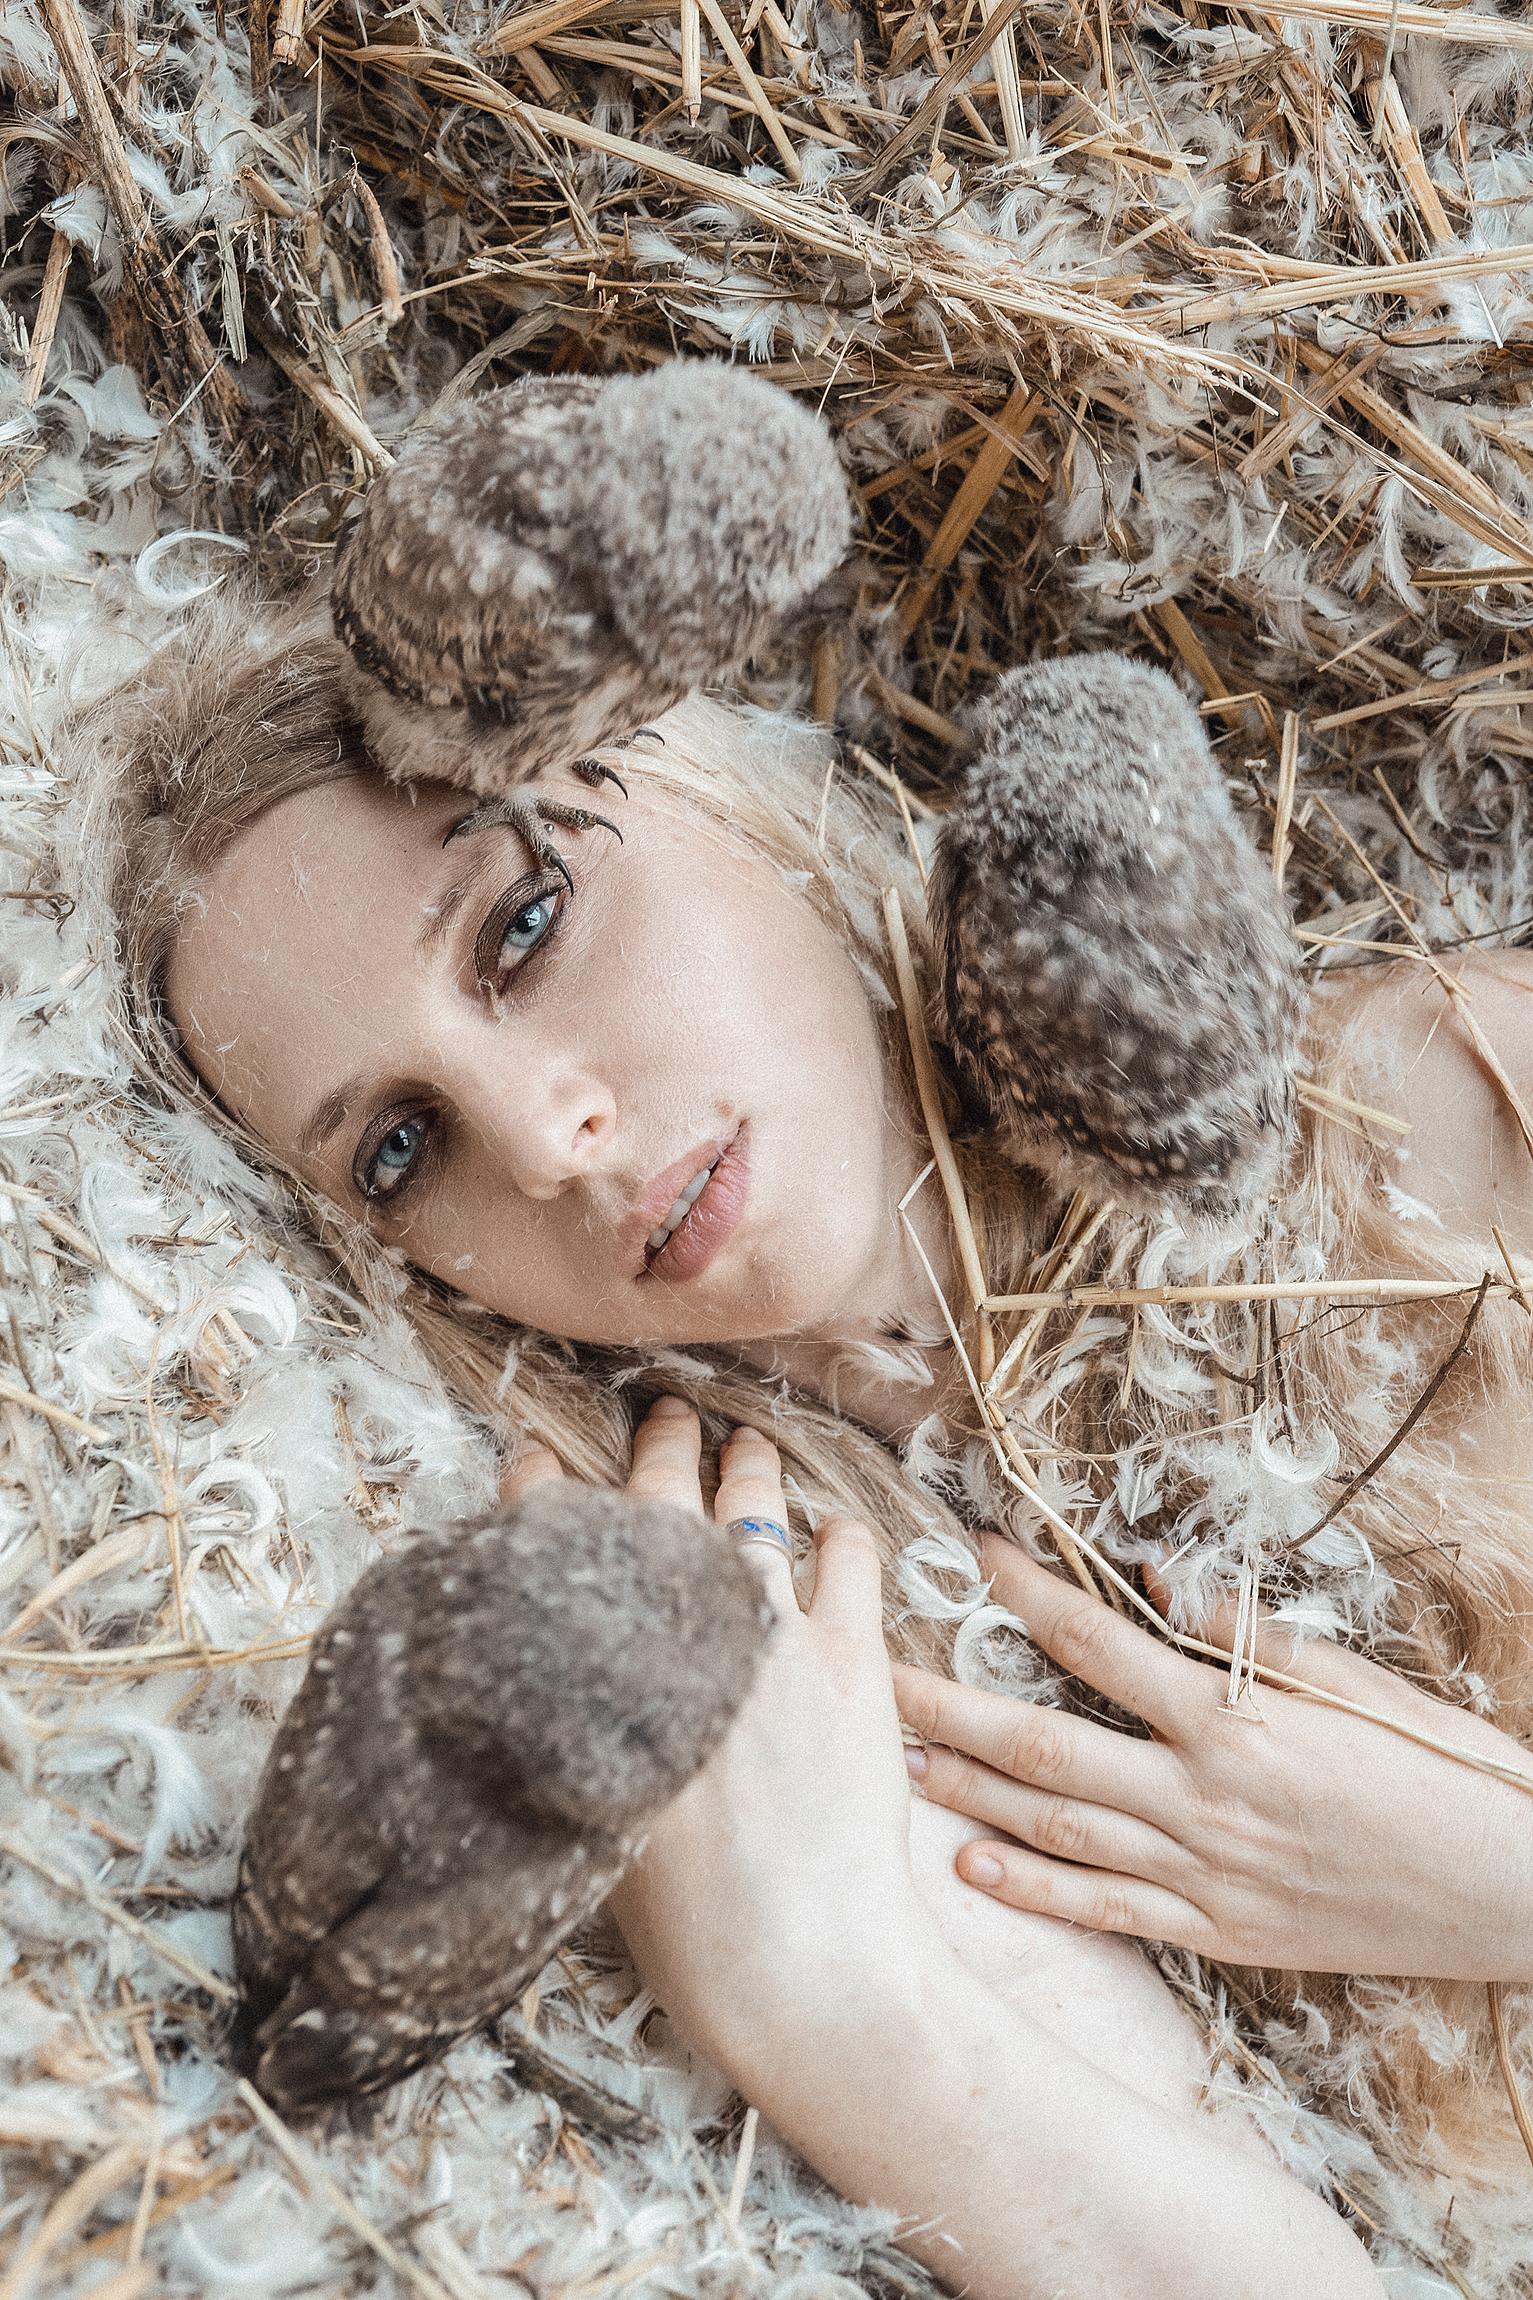 Птенец / Photographyzp Yana